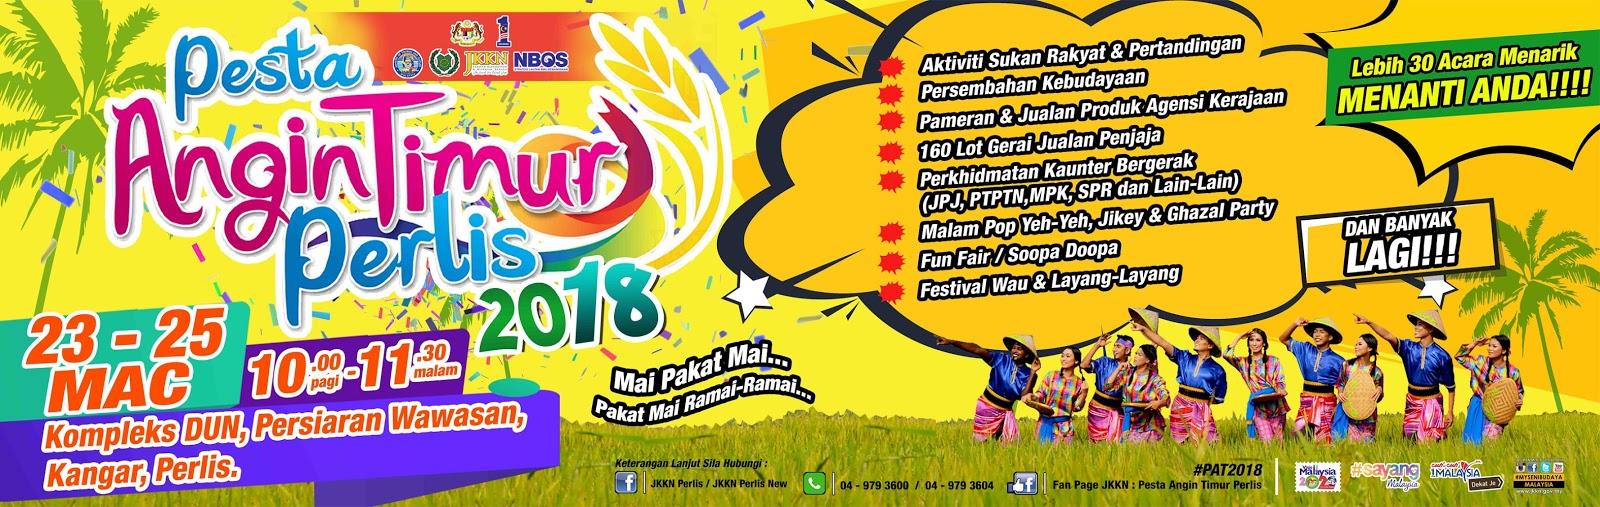 Pelancongan Kini Malaysia Malaysia Tourism Now Pesta Angin Timur Perlis 2018 Kompleks Dun Kangar Perlis 23 25 Mac 2018